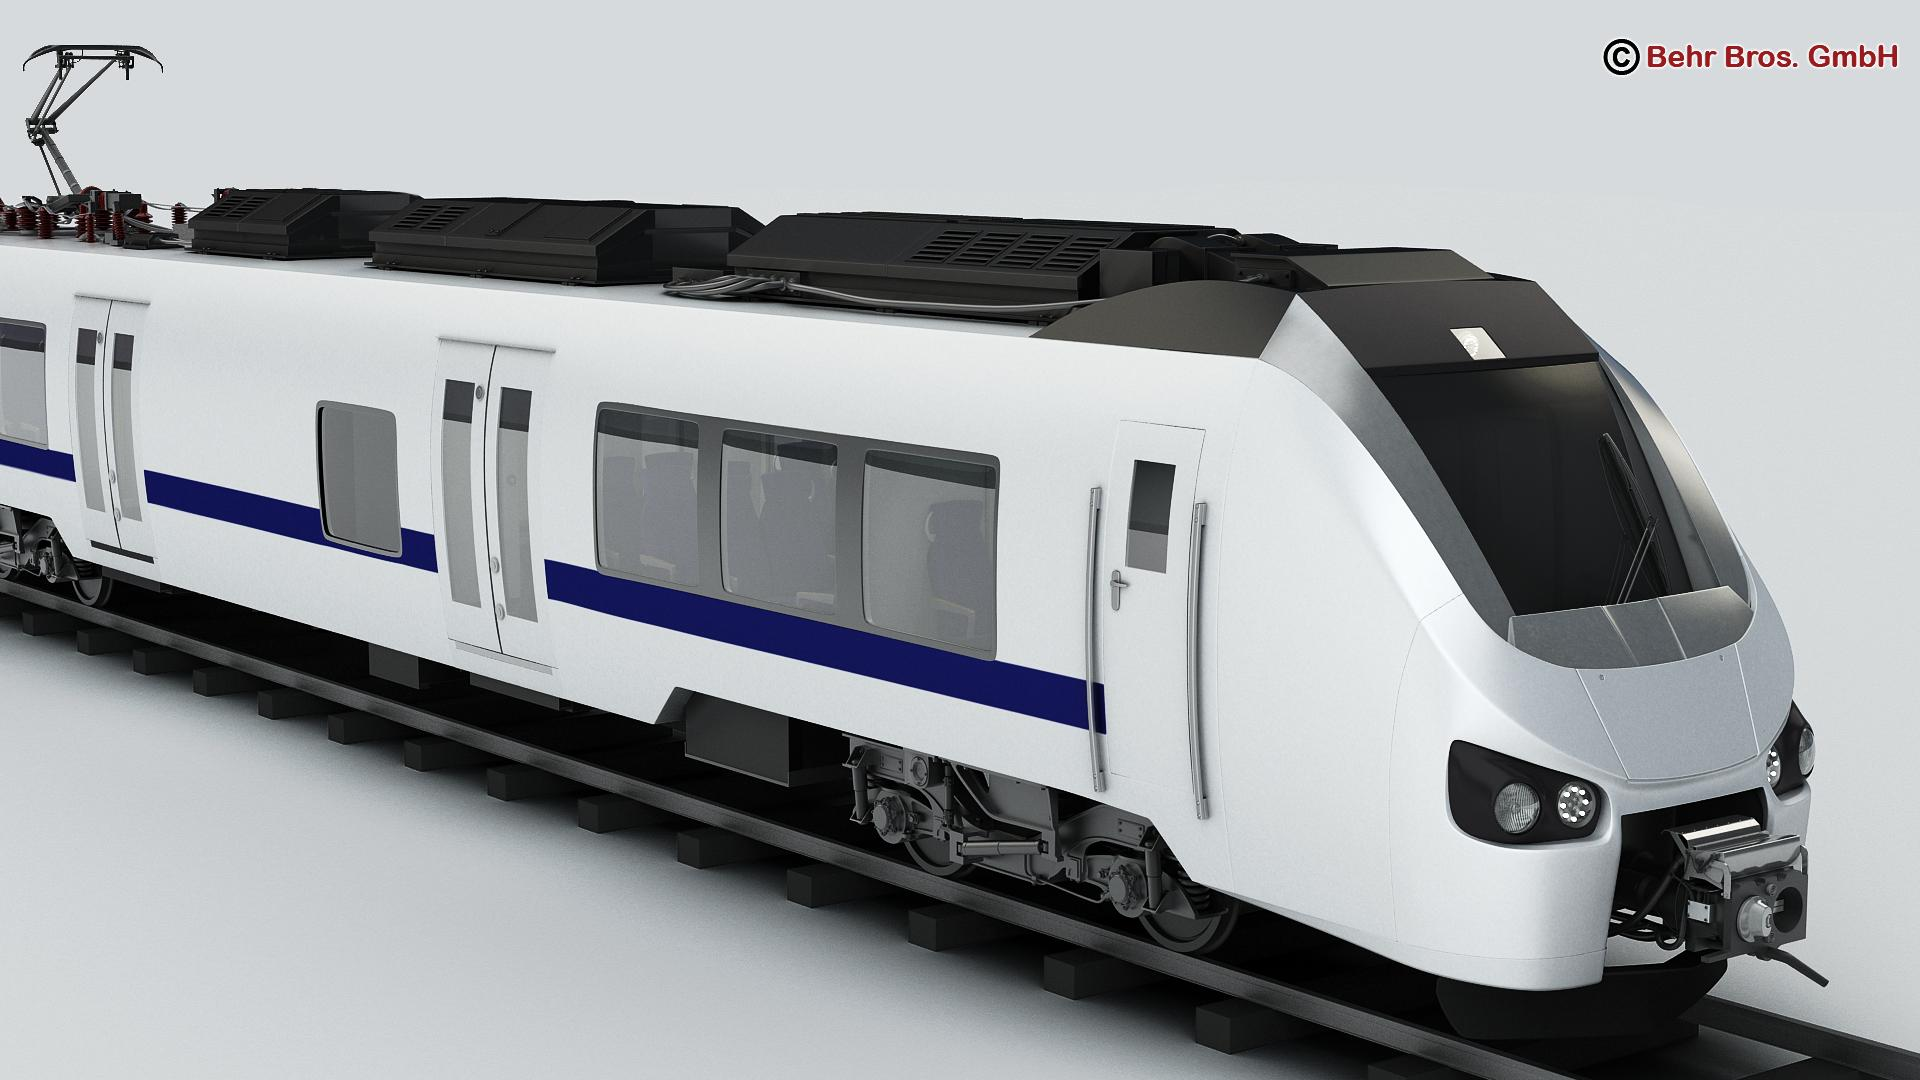 generic commuter train 3d model 3ds max fbx c4d ma mb obj 206608